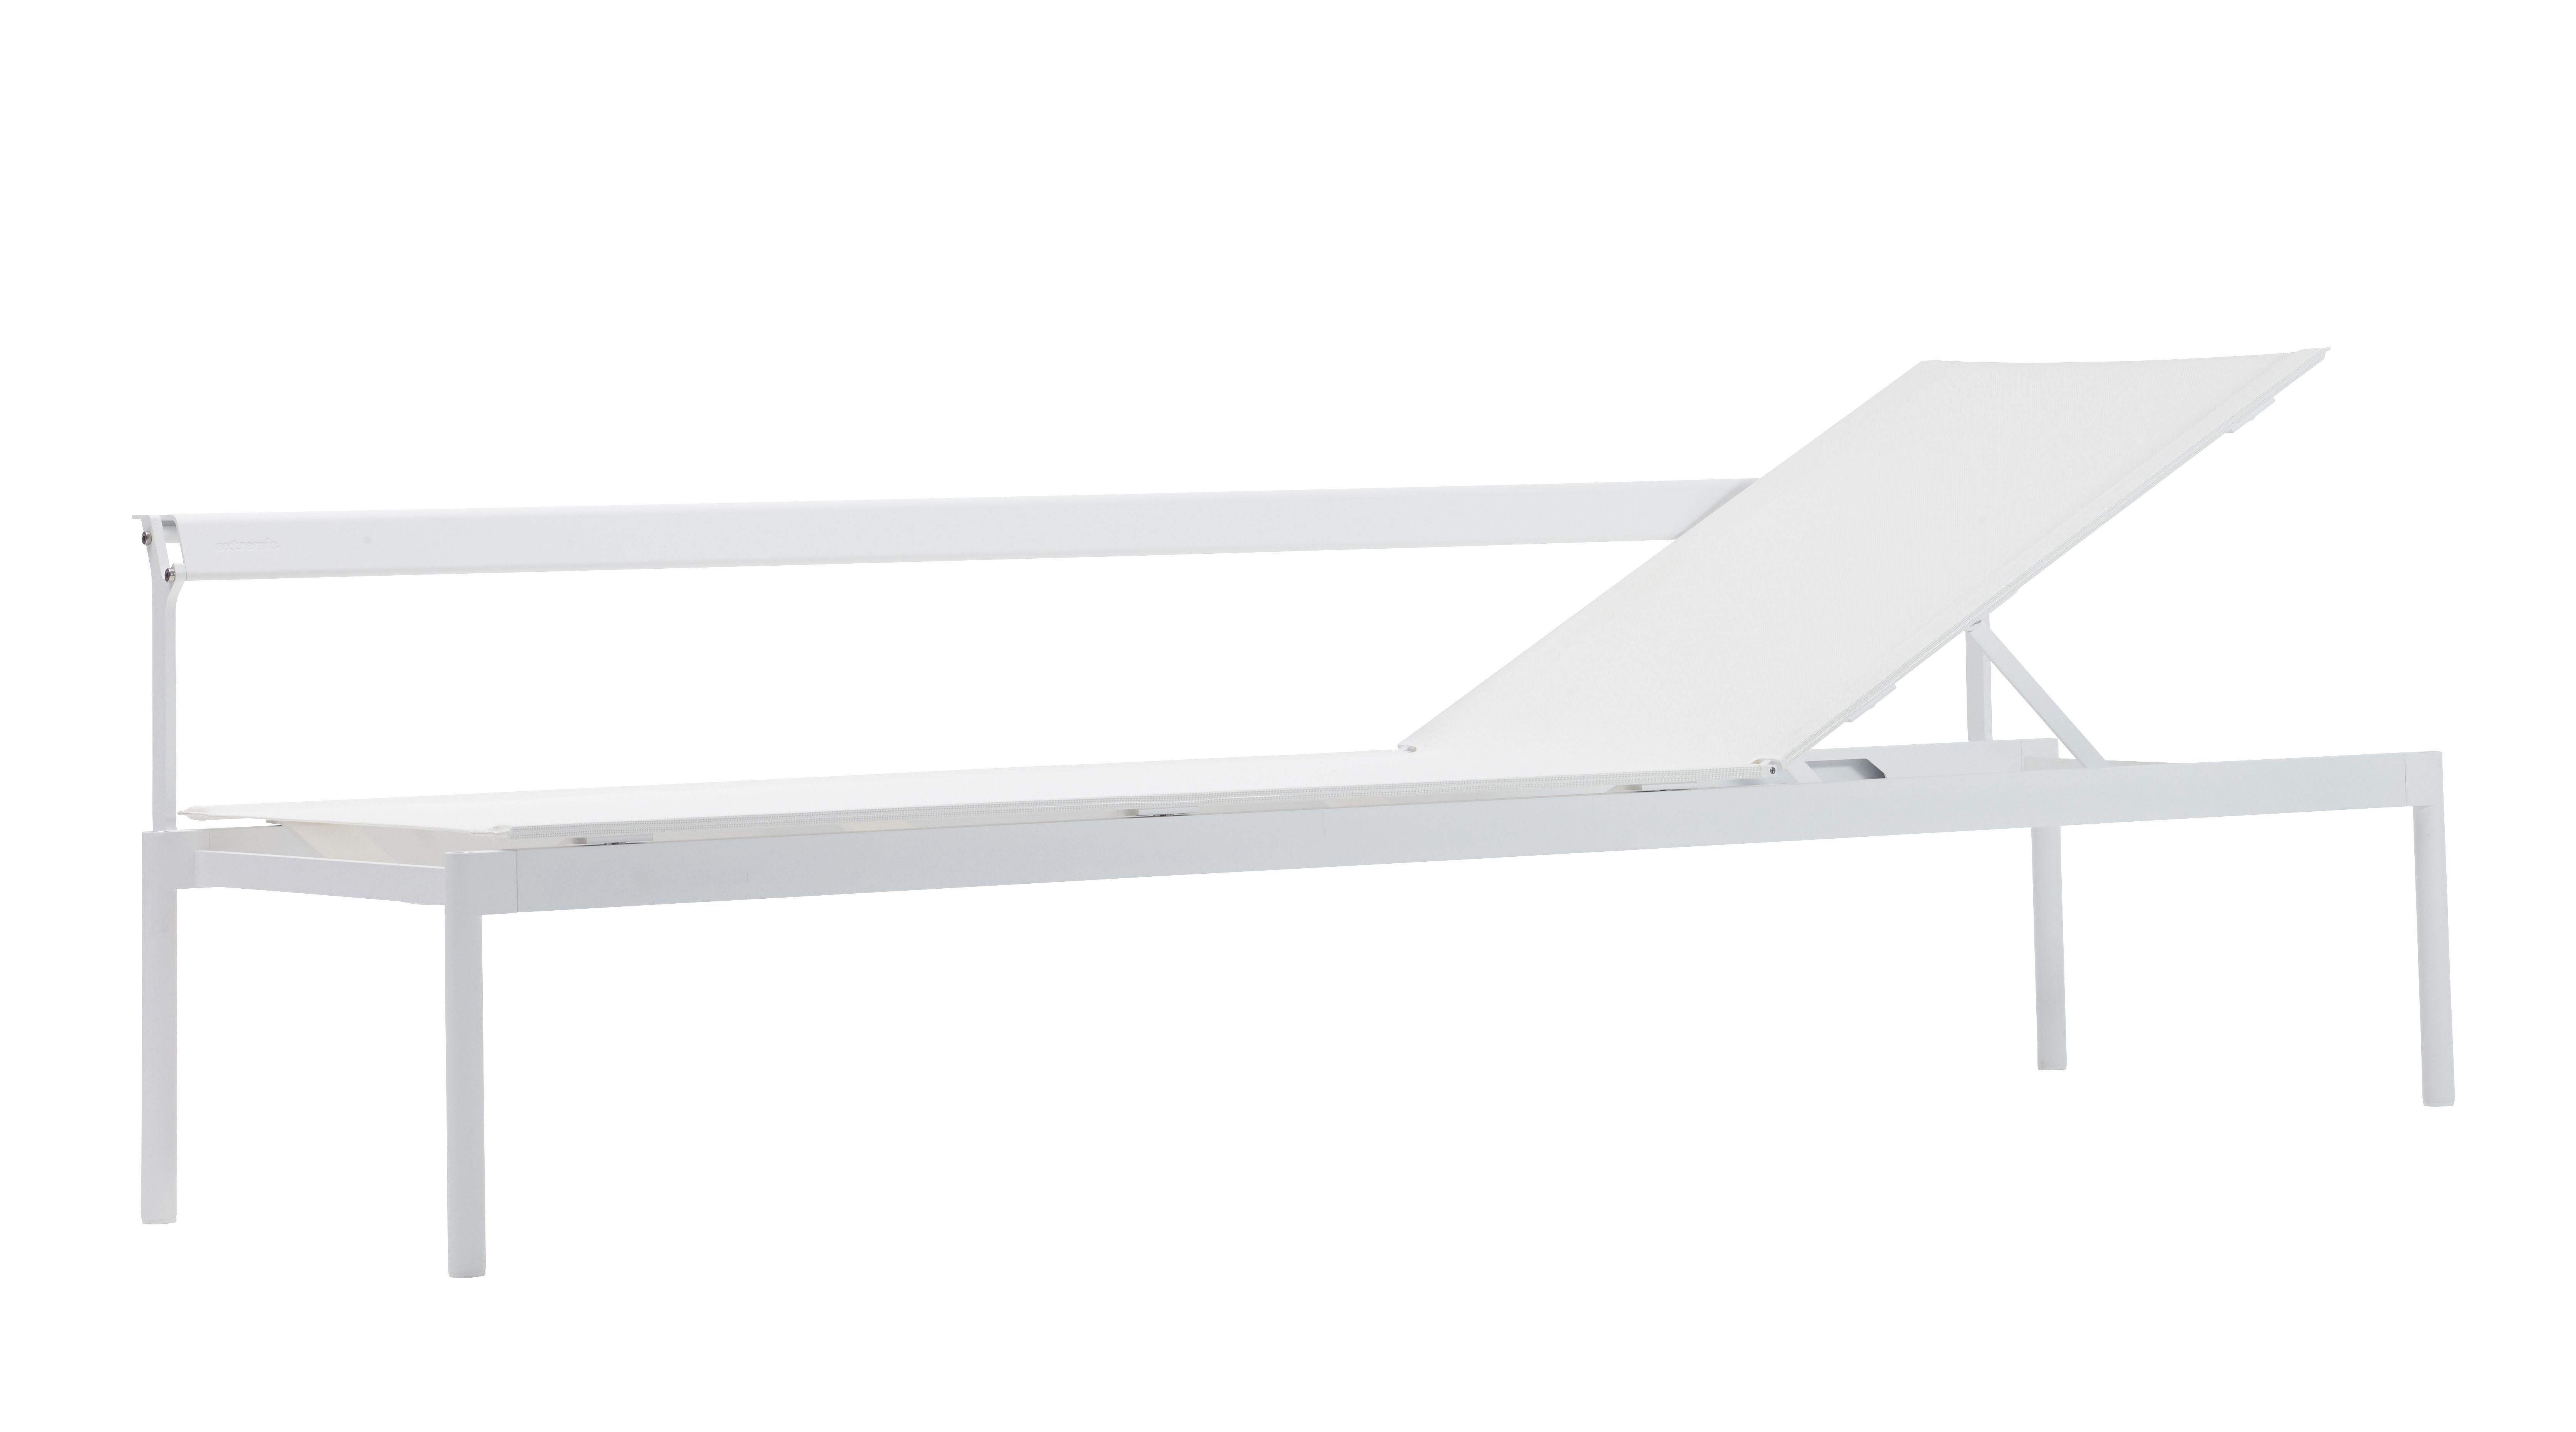 Outdoor - Liegen und Hängematten - Australis Sonnenliege verstellbar / 2-in-1-Sitzbank - Extremis - Weiß - Aluminium, Batyline® Bespannung, Stahl